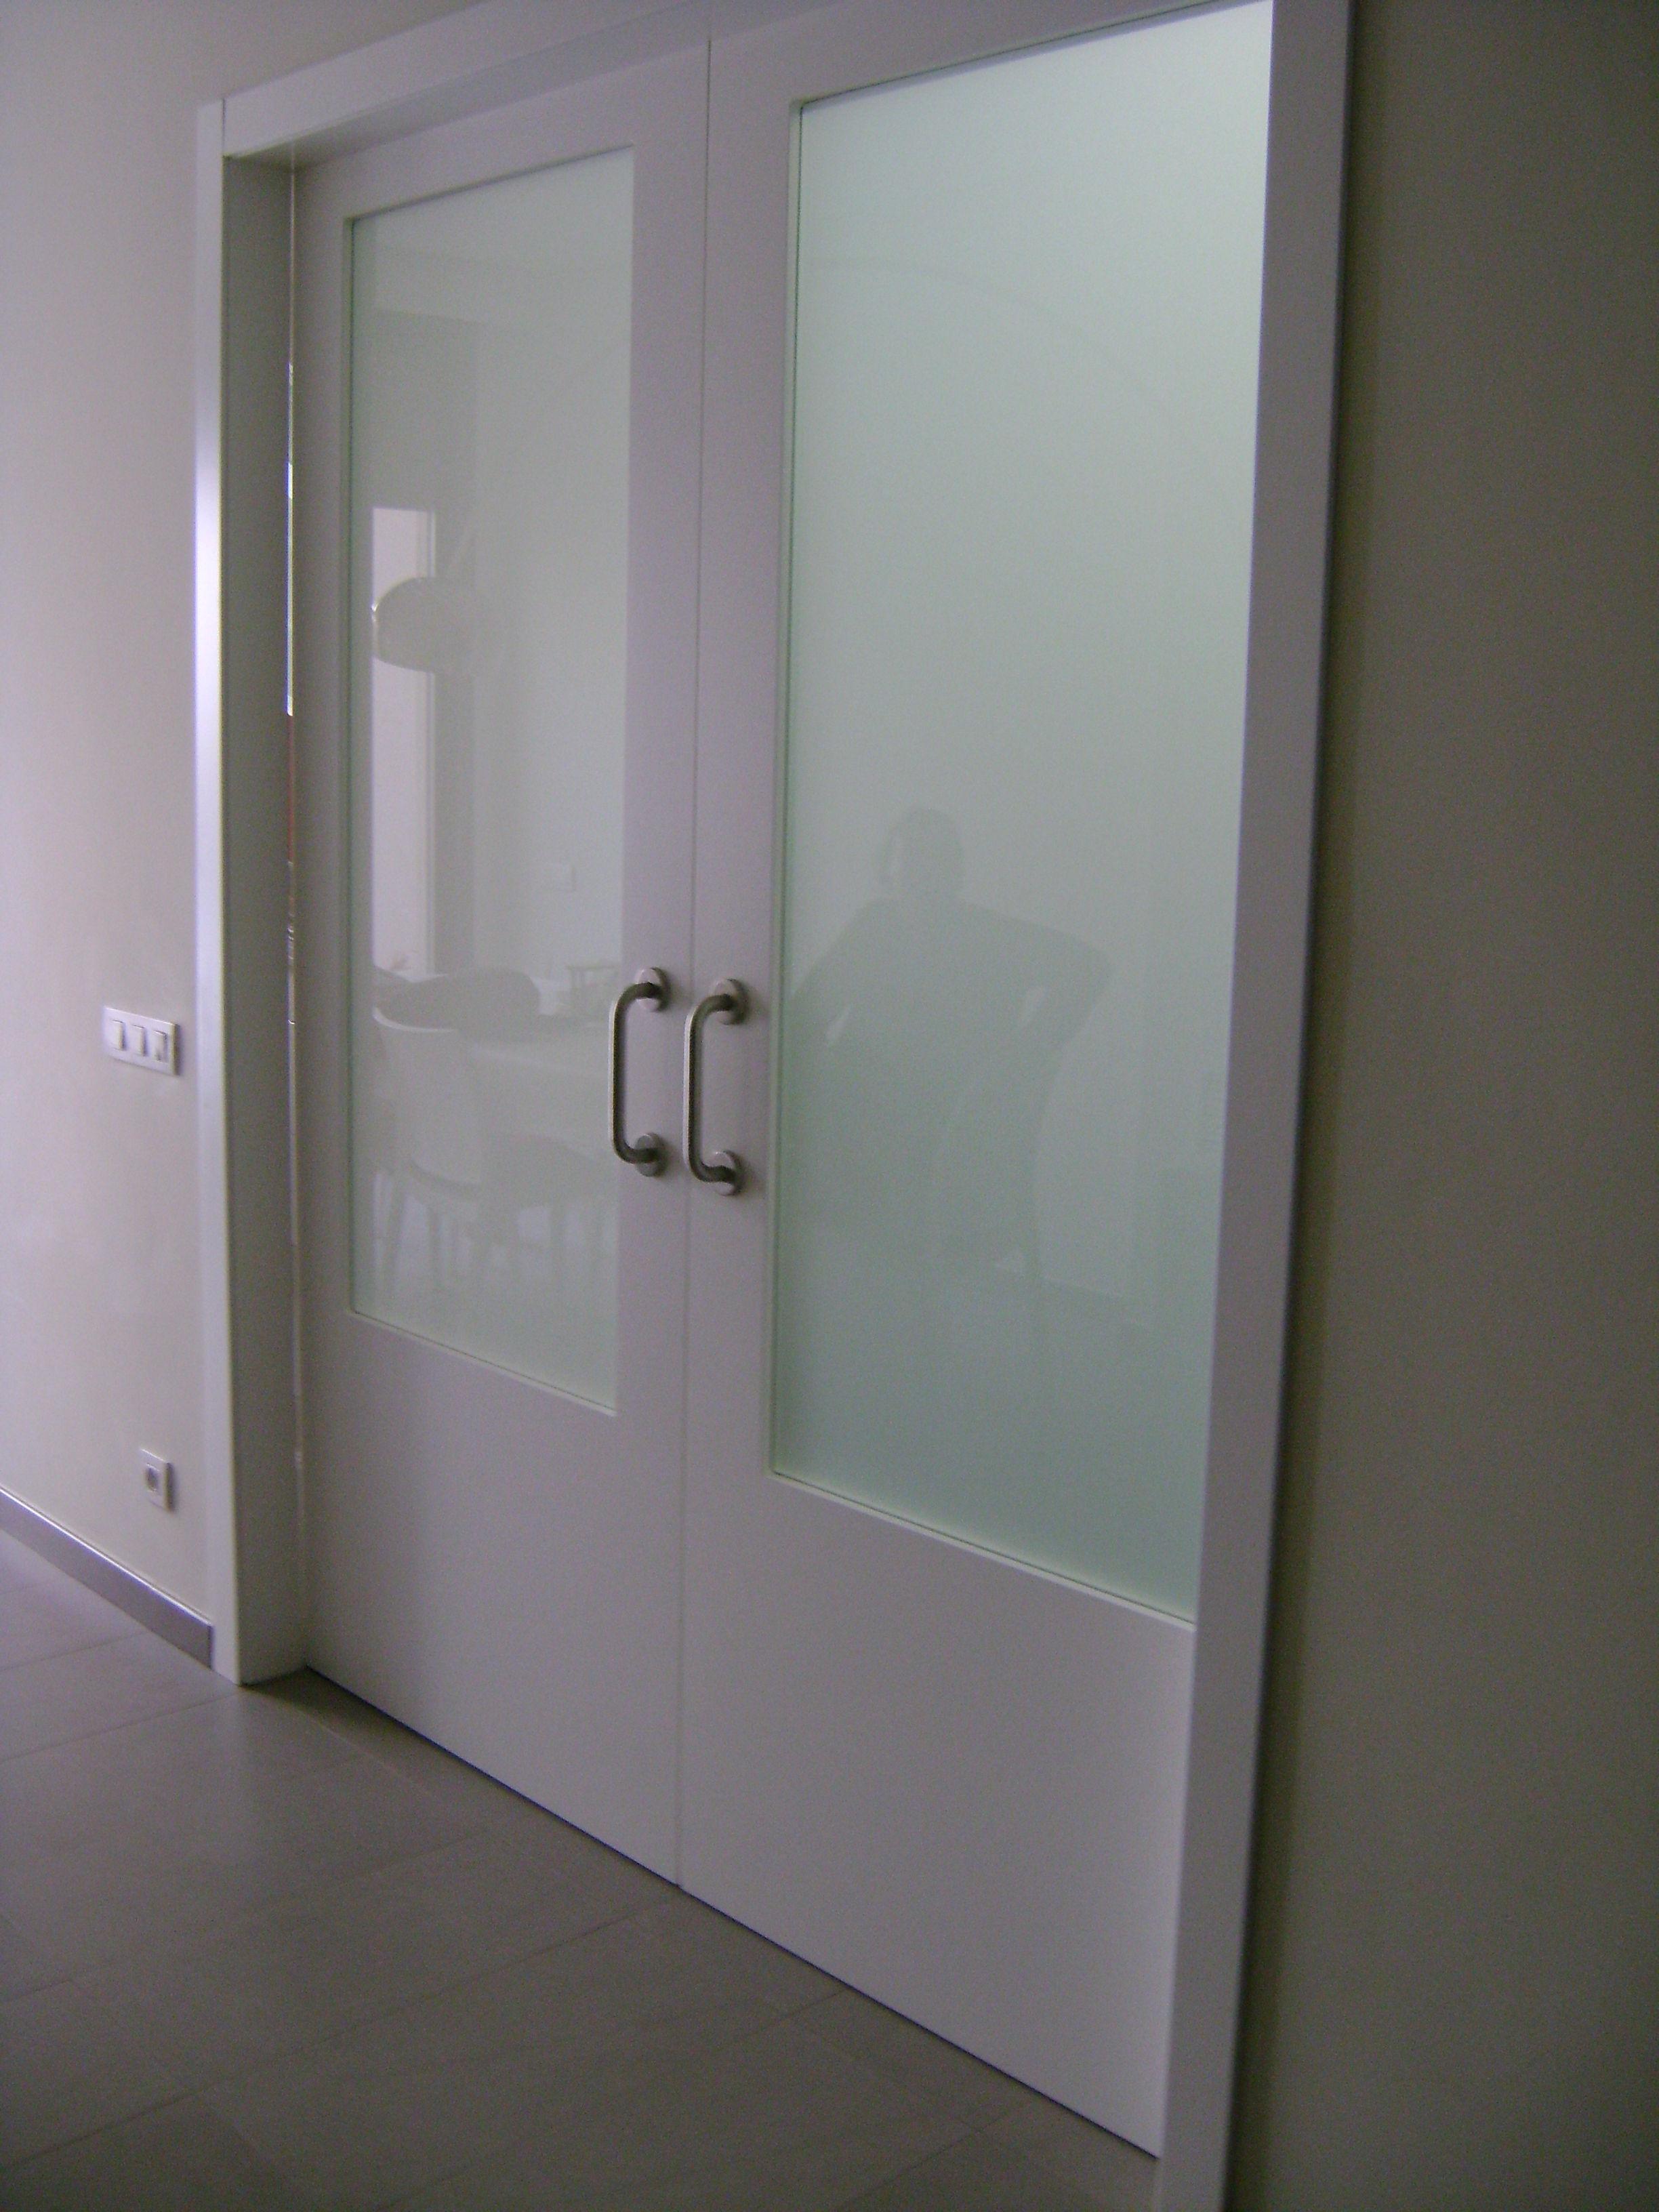 Puertas interior cat logo de carpinter a hachedecor for Catalogo puertas interior